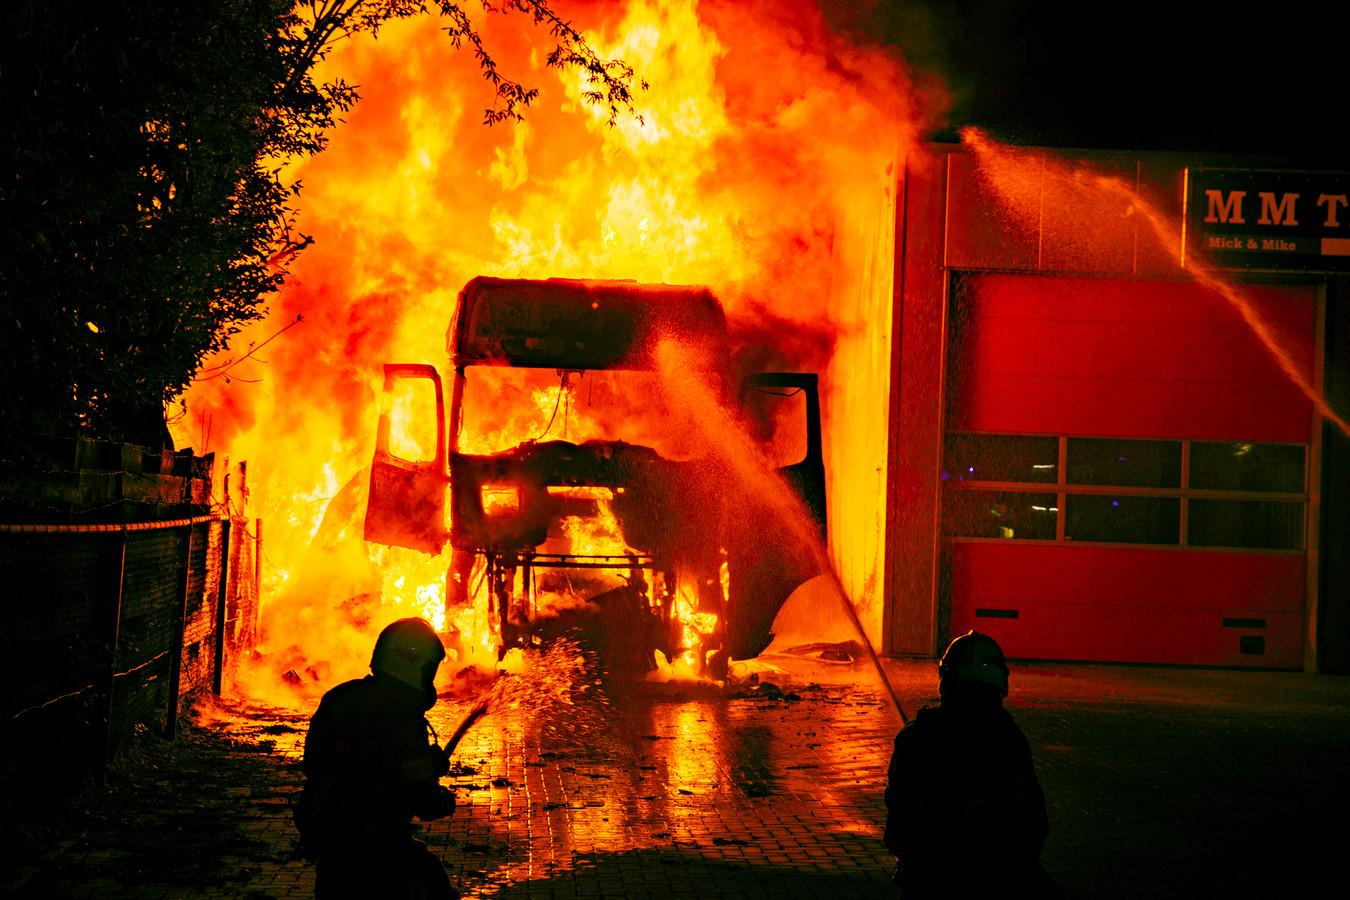 De vrachtwagenbrand in Doesburg op 20 augustus. De 46-jarige chauffeur lag te slapen in zijn cabine en liep bij het verlaten van het voertuig ernstige brandwonden op.